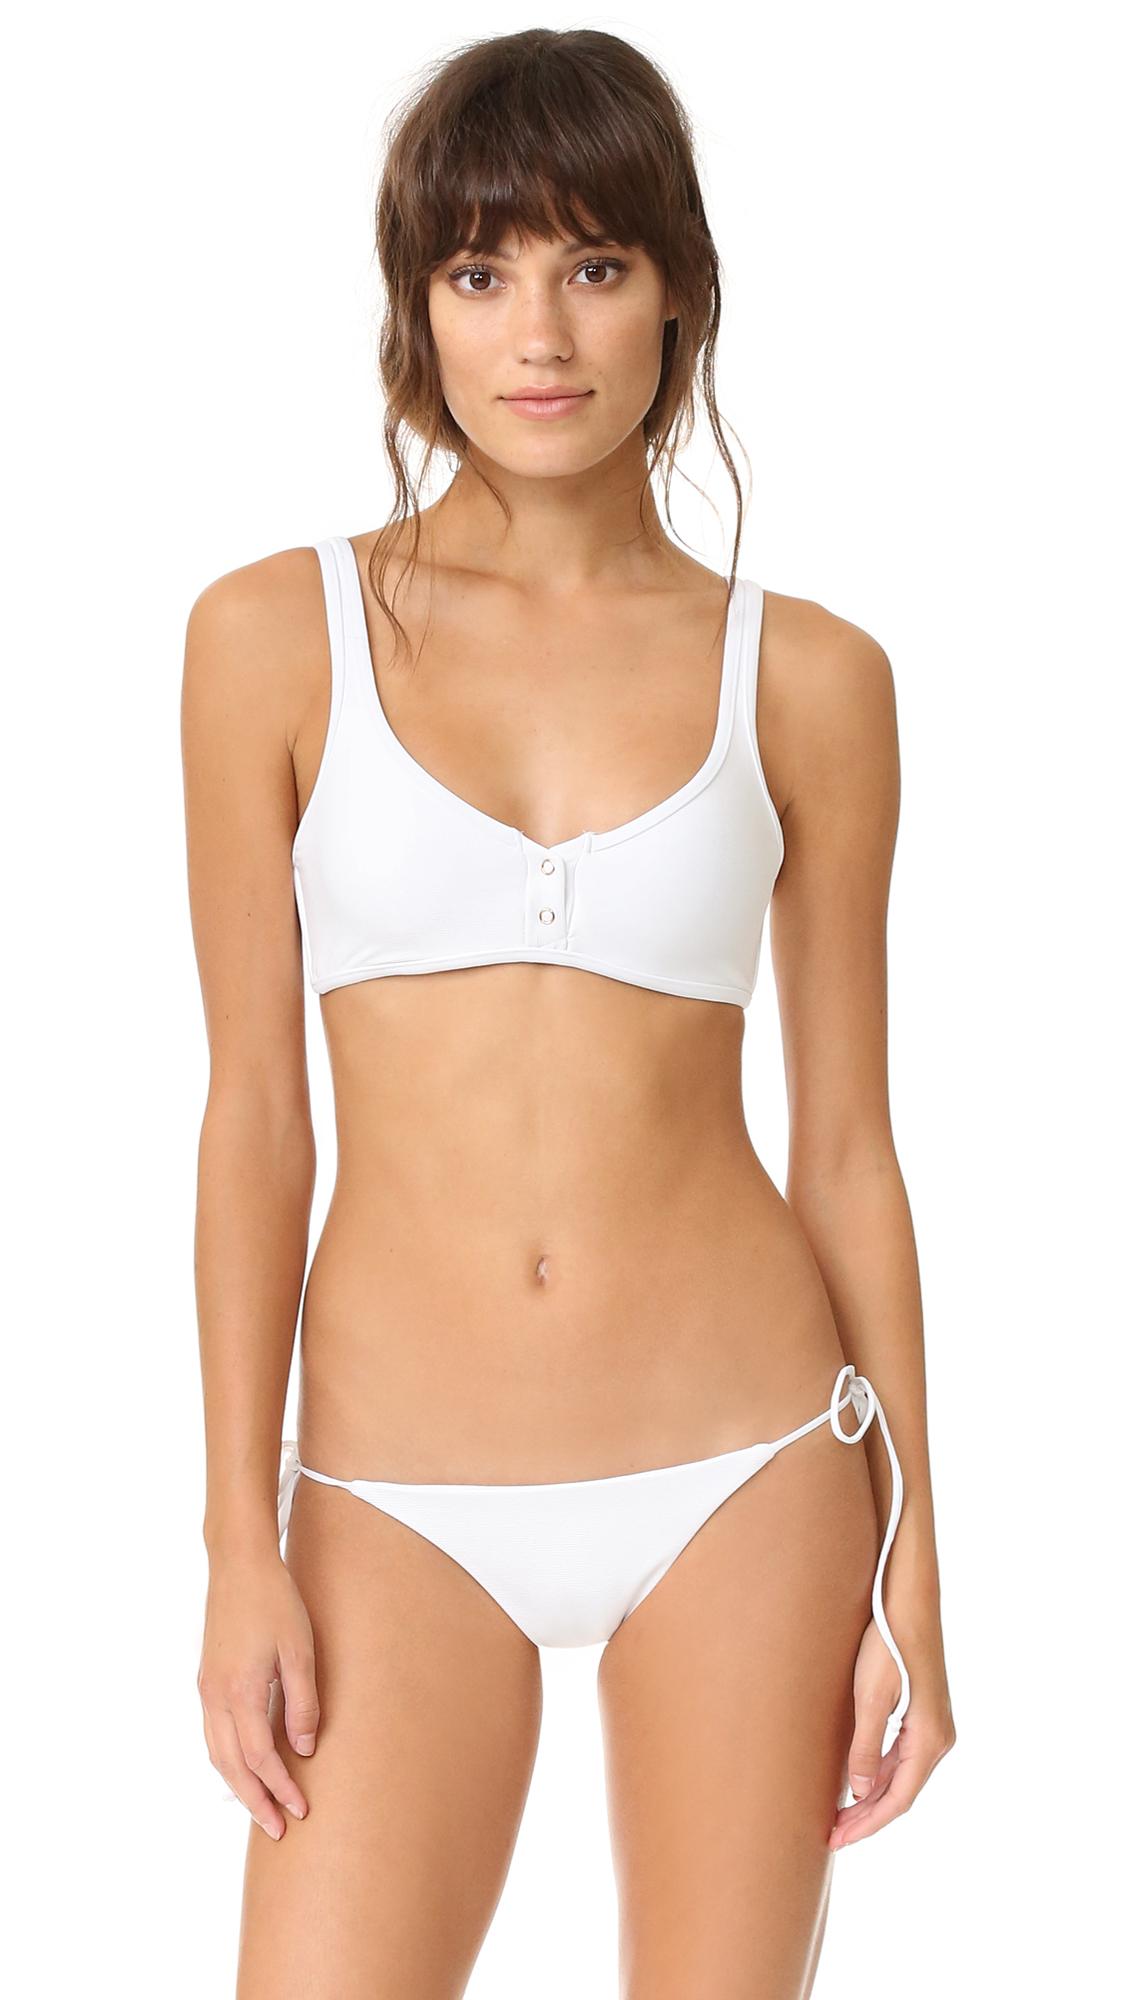 Sandra model white bikini